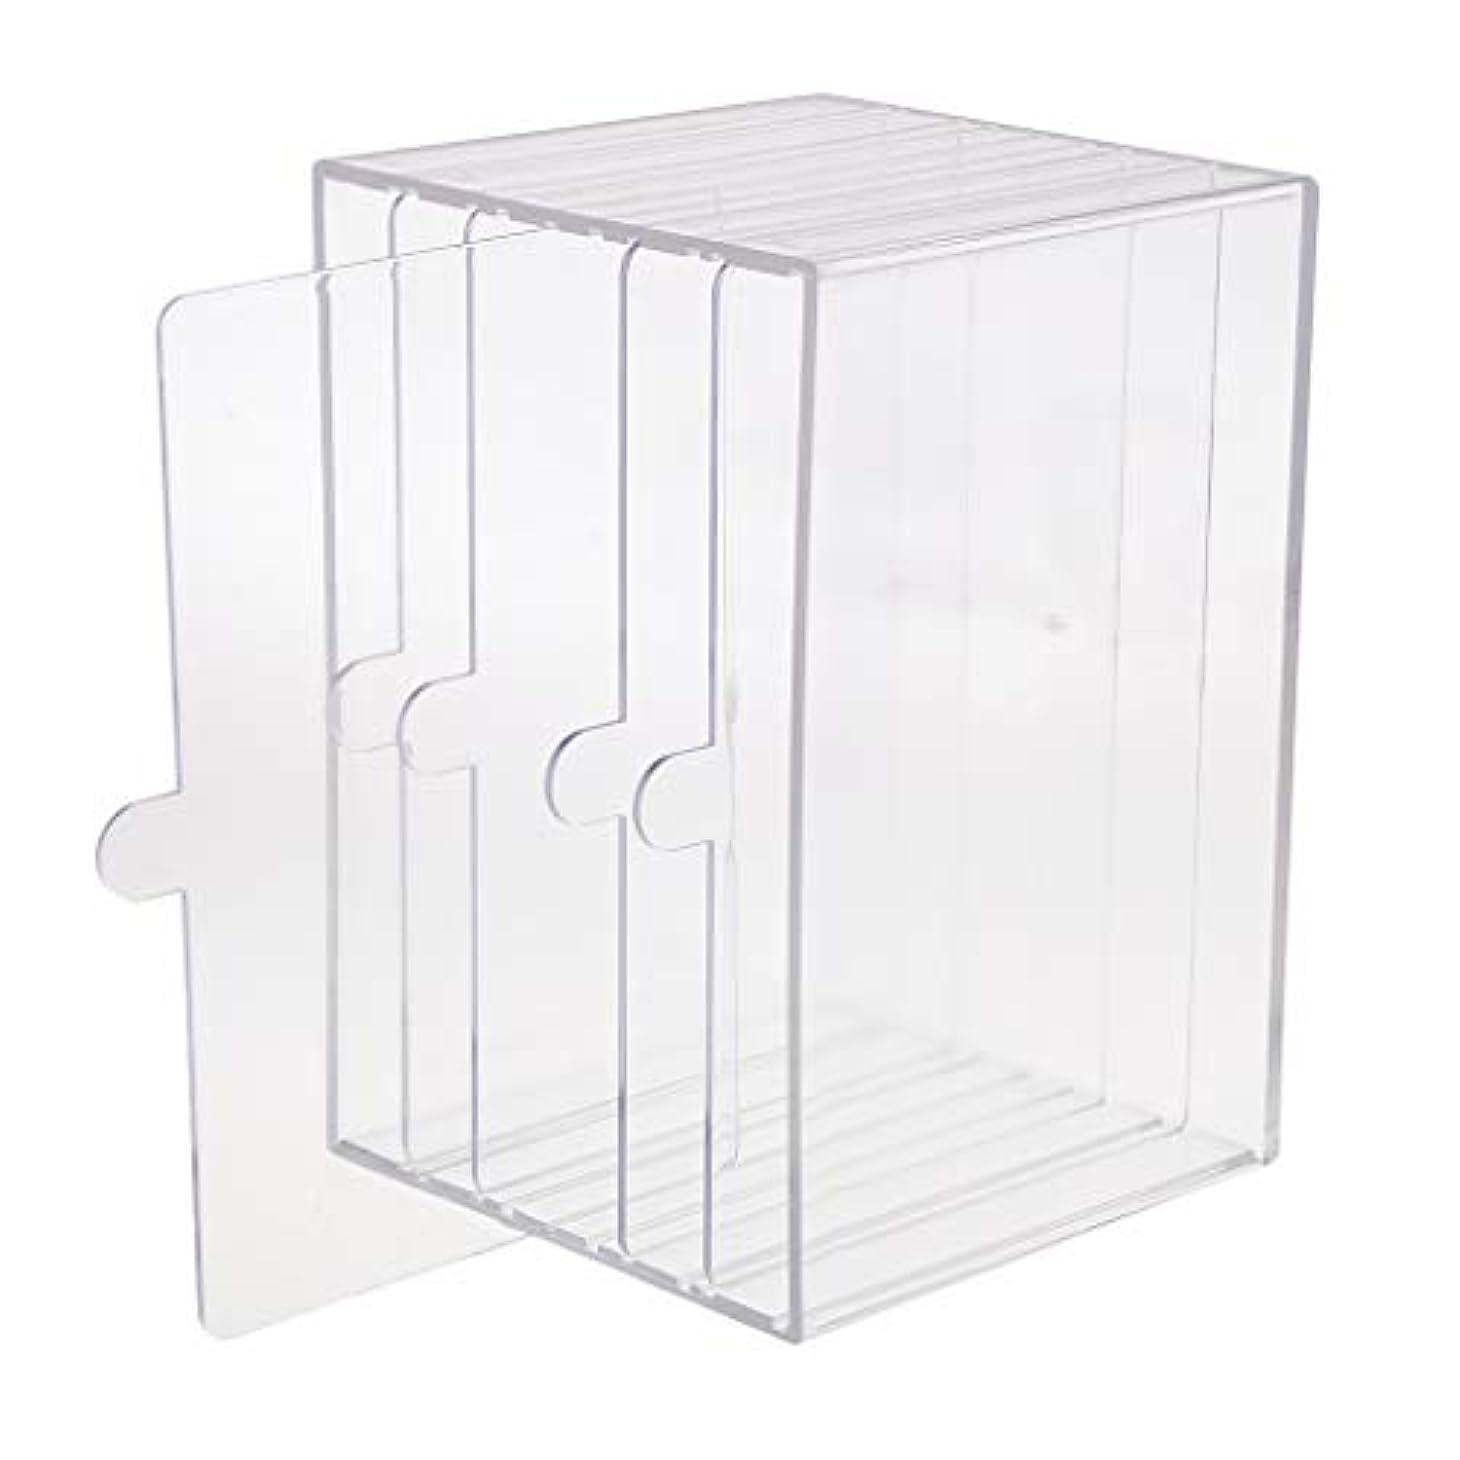 知り合いになる量で錆びchiwanji ネイルチップ ディスプレイ 収納ボックス 小物入り 収納容器 ディスプレイケース